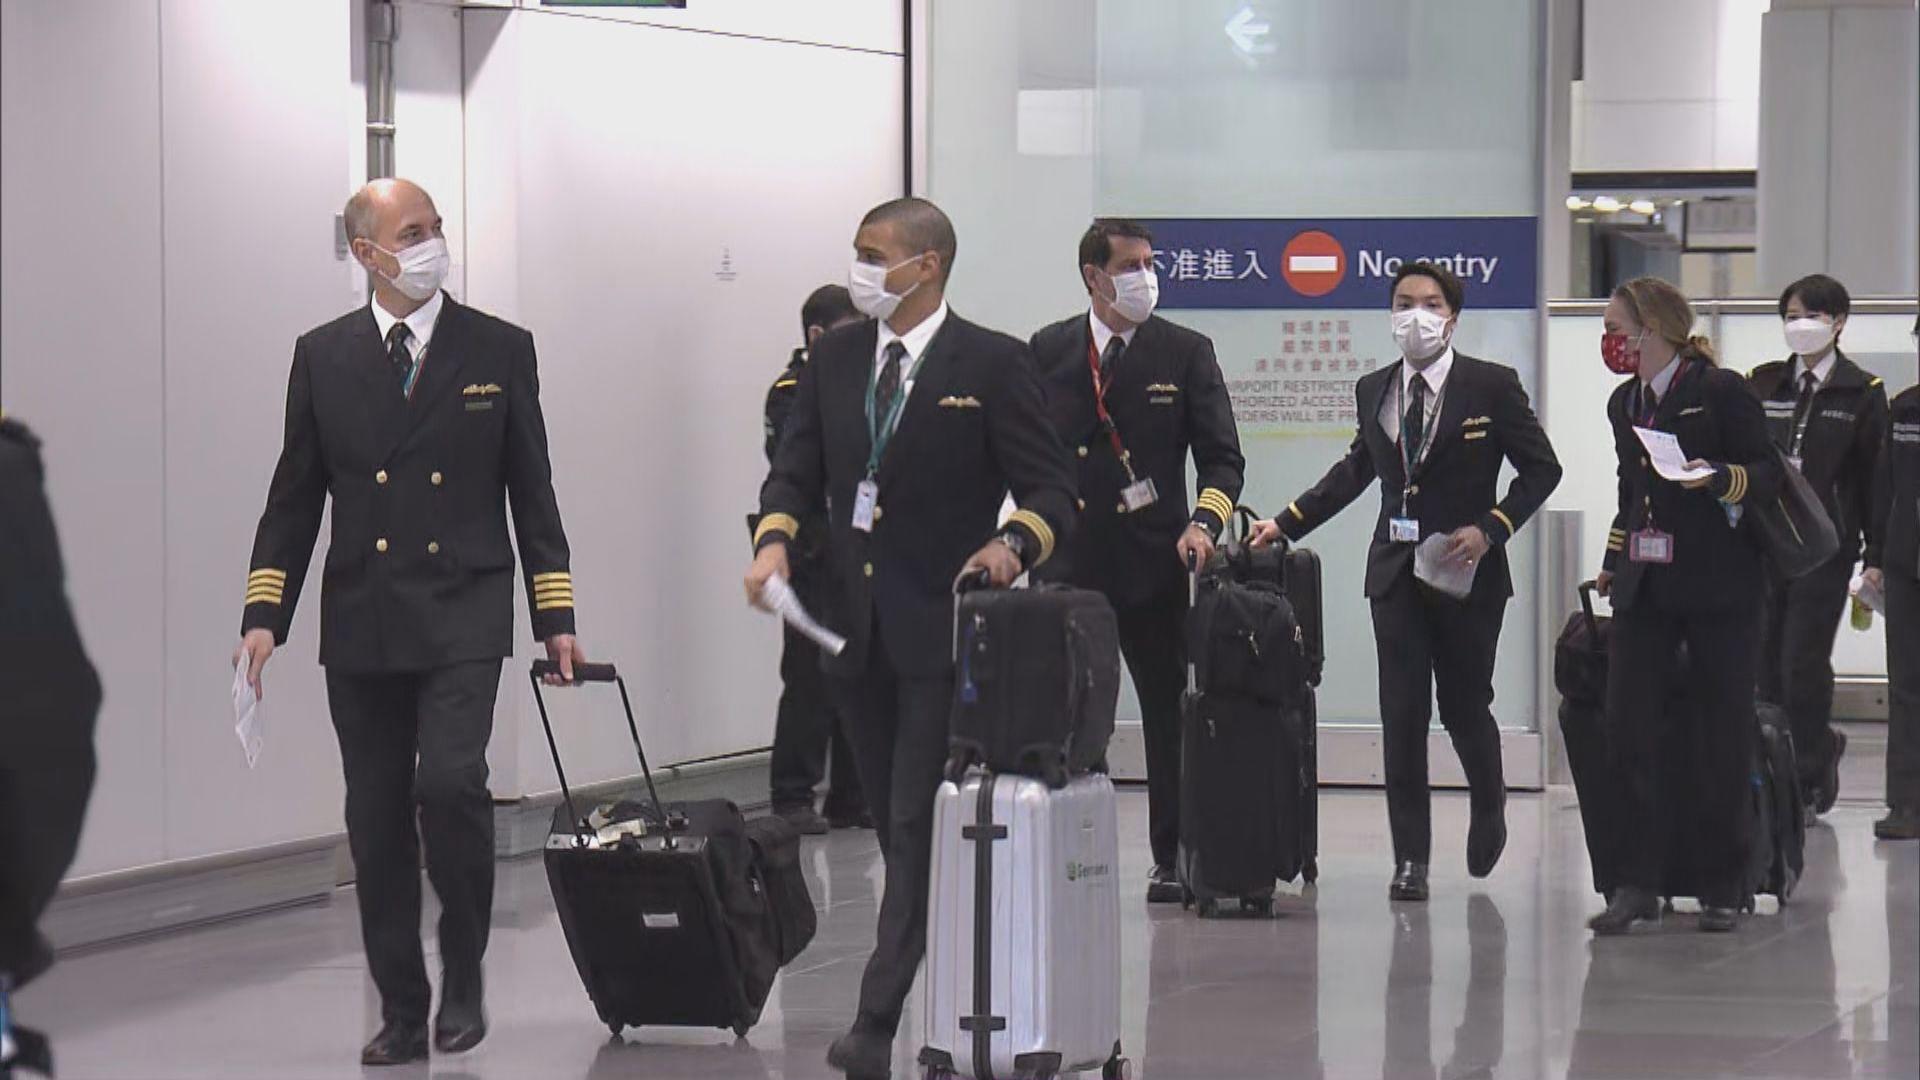 機組人員若兩周內曾赴英國 抵港後須在酒店隔離21日